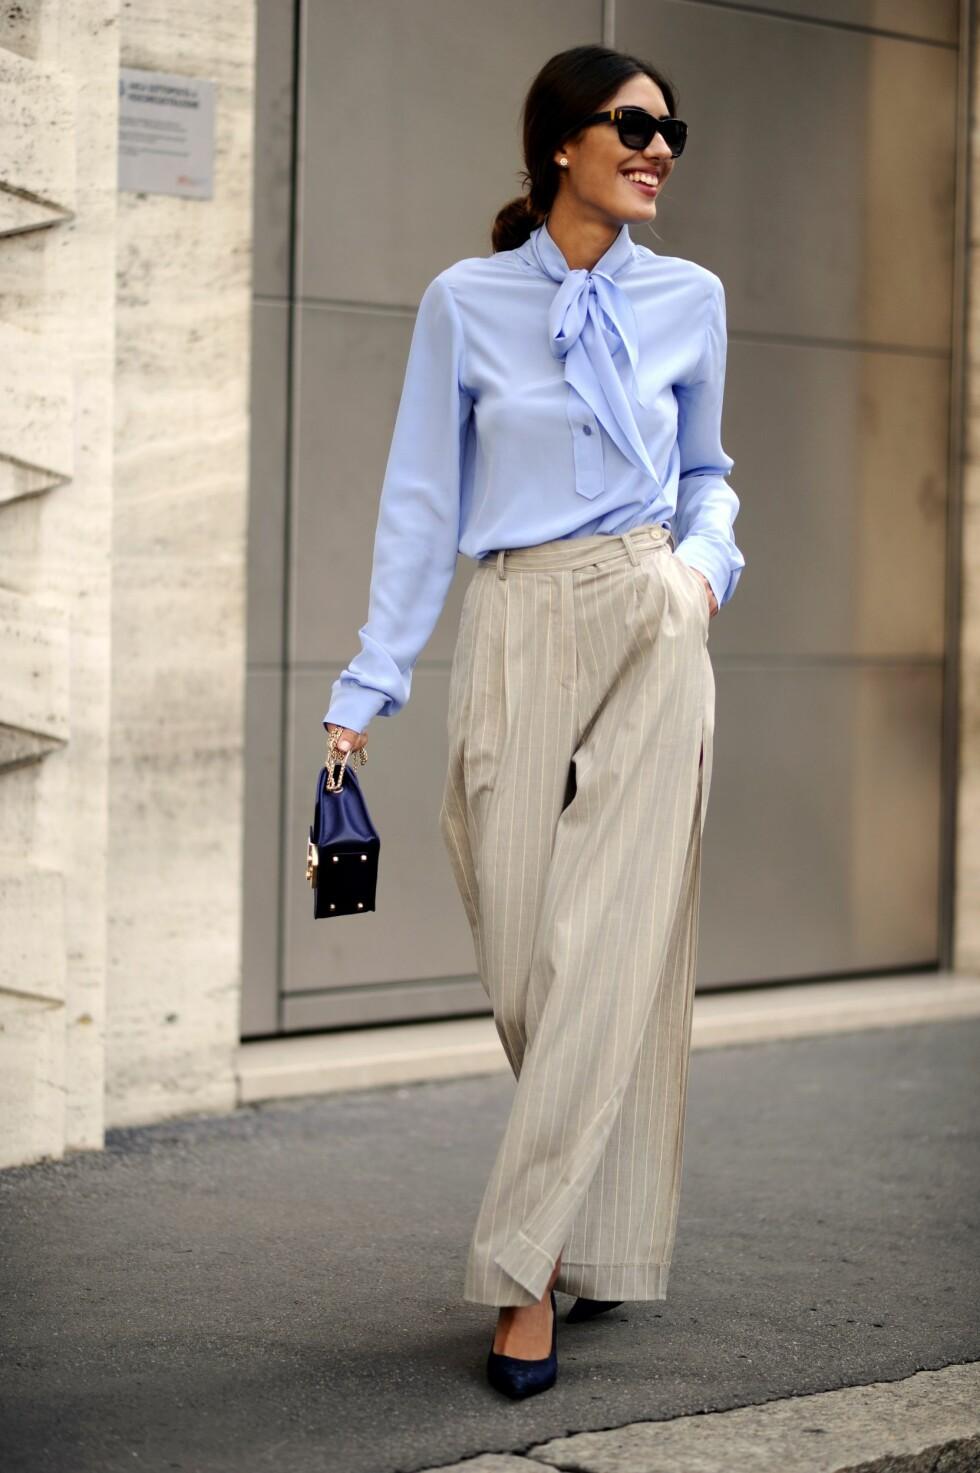 BUKSE: Den lyseblå toppen passer perfekt til fargen på buksen. Foto: REX/Wayne Tippetts/All Over Press